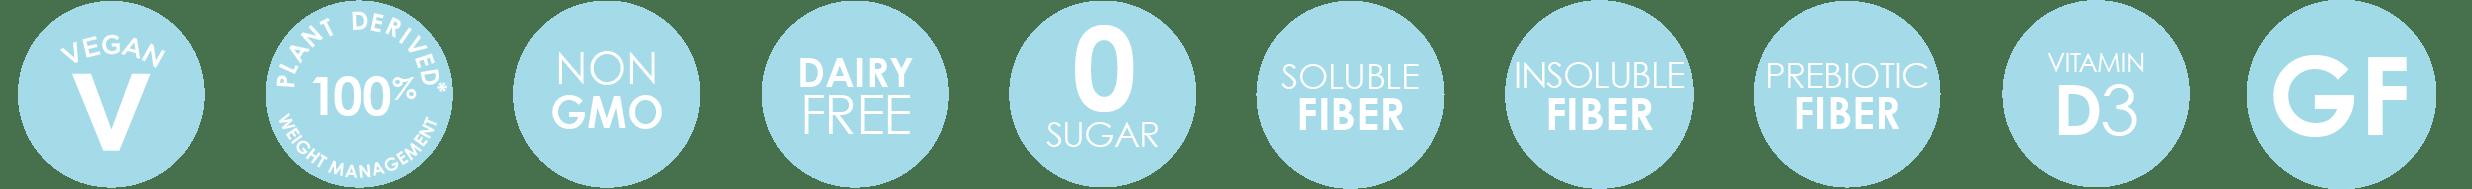 Sync - Evening Fiber Details